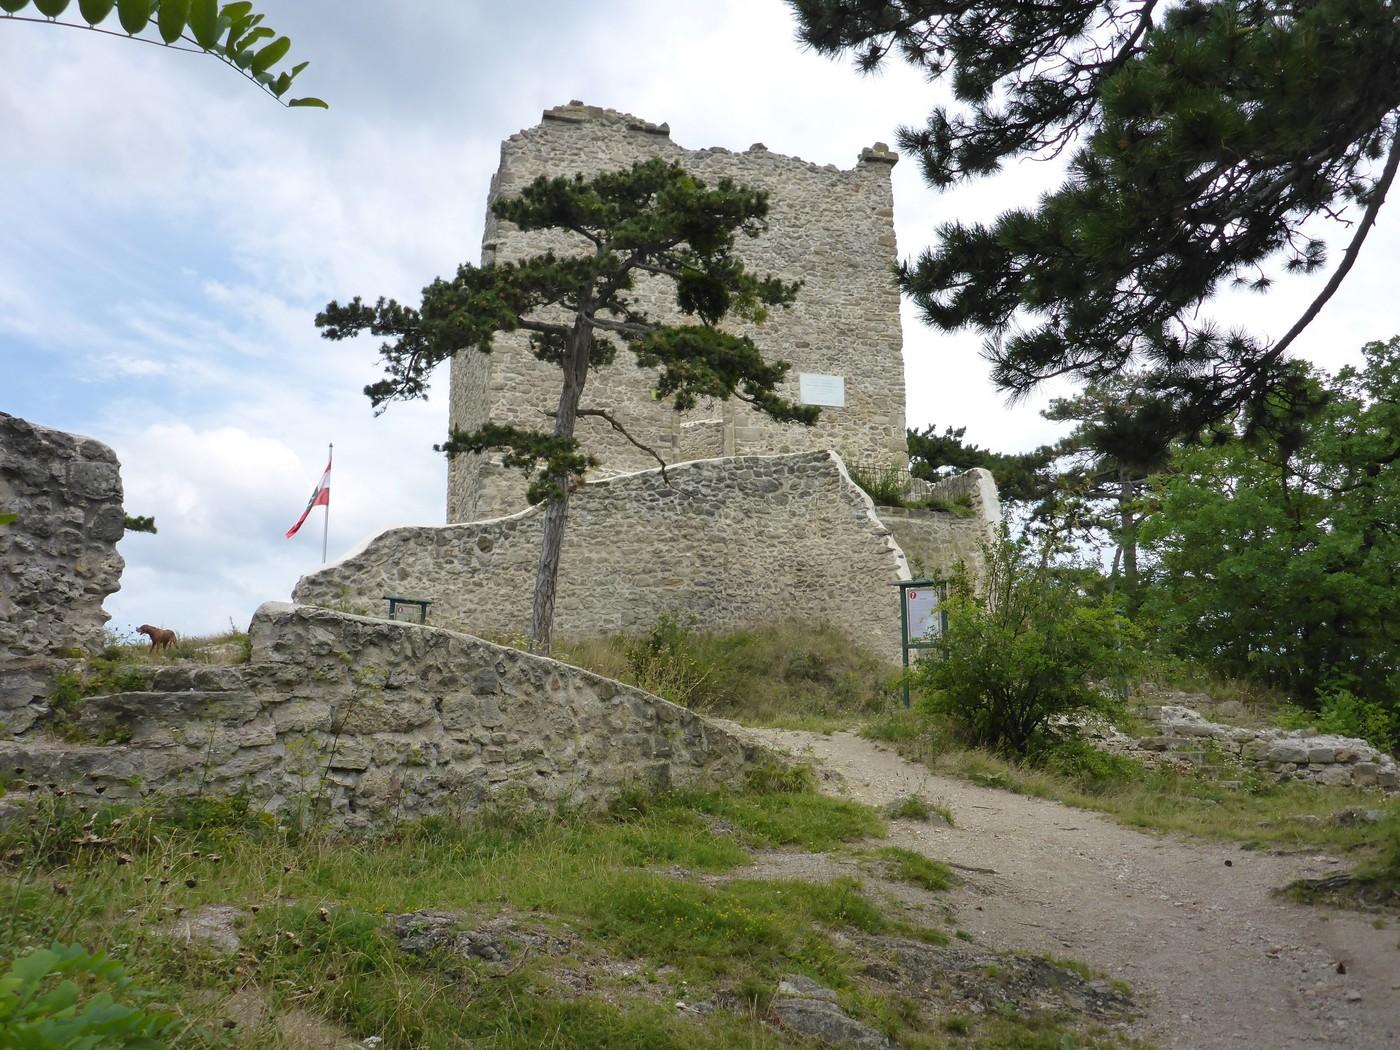 Klettersteig Burg : Neuer klettersteig am fuße der burg heinfels osttirol